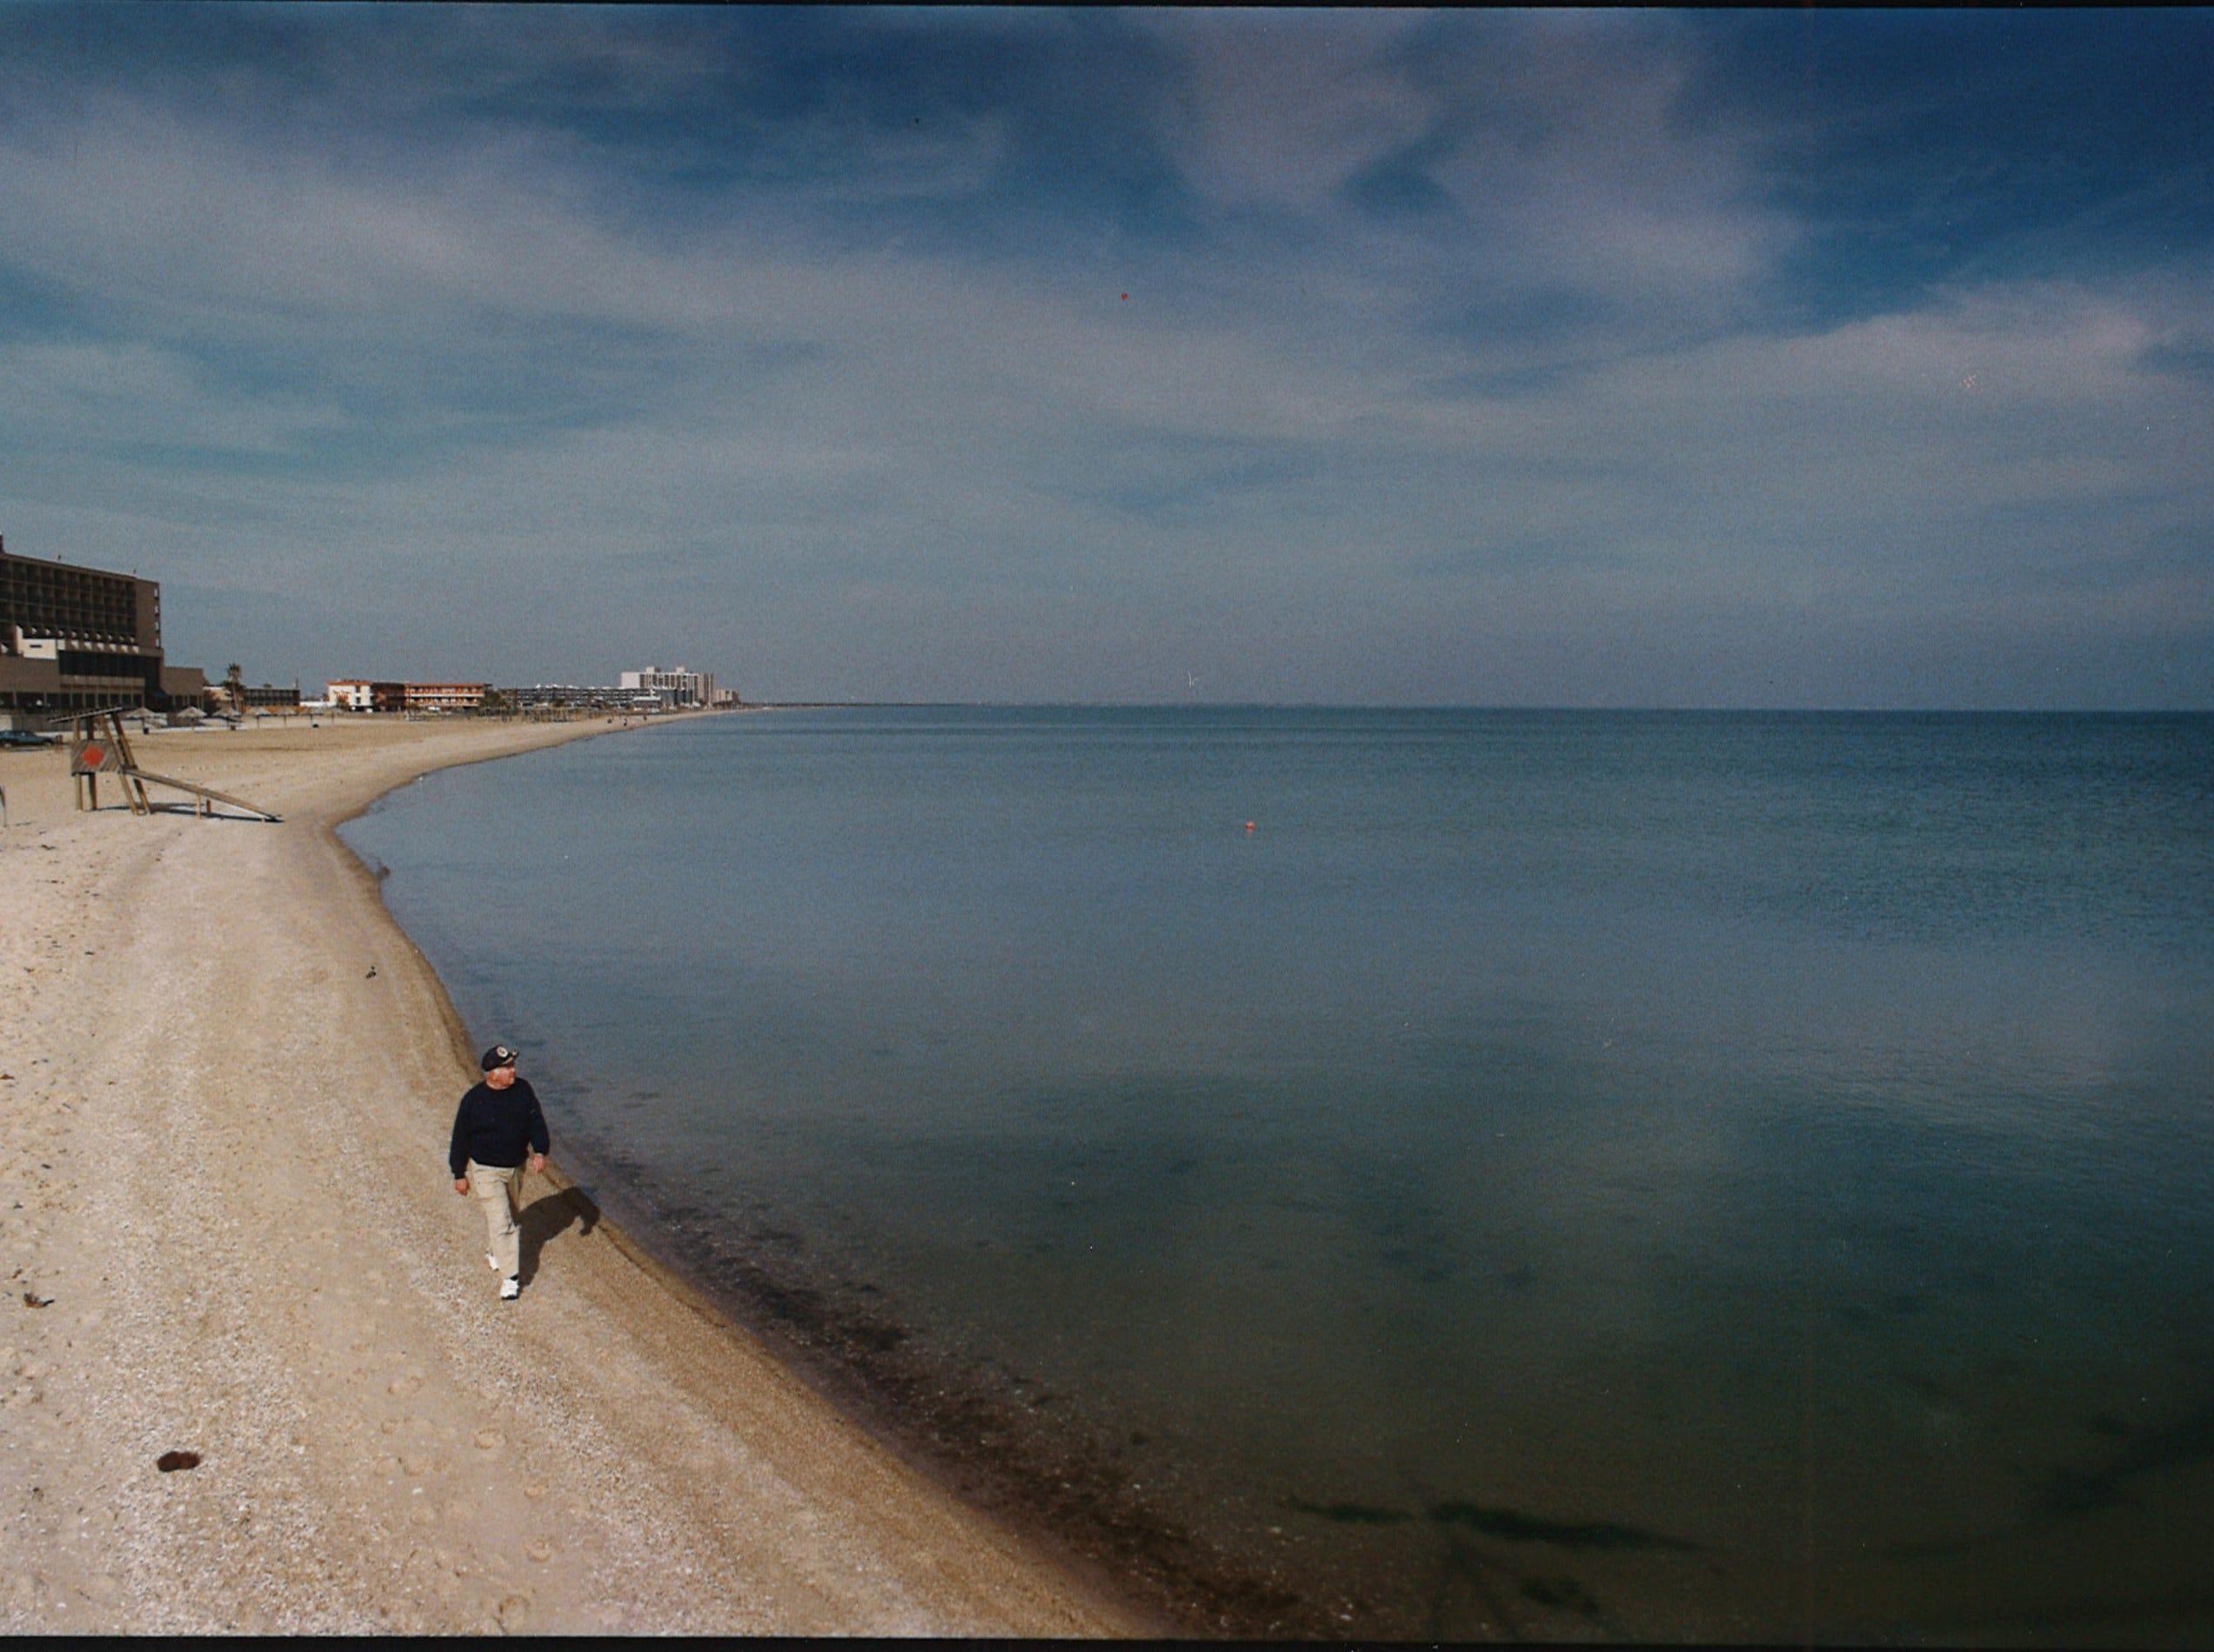 Harold Anson, Winter Texan from Edina, Minnesota, walks along Corpus Christi's North Beach on Jan. 12, 1993.